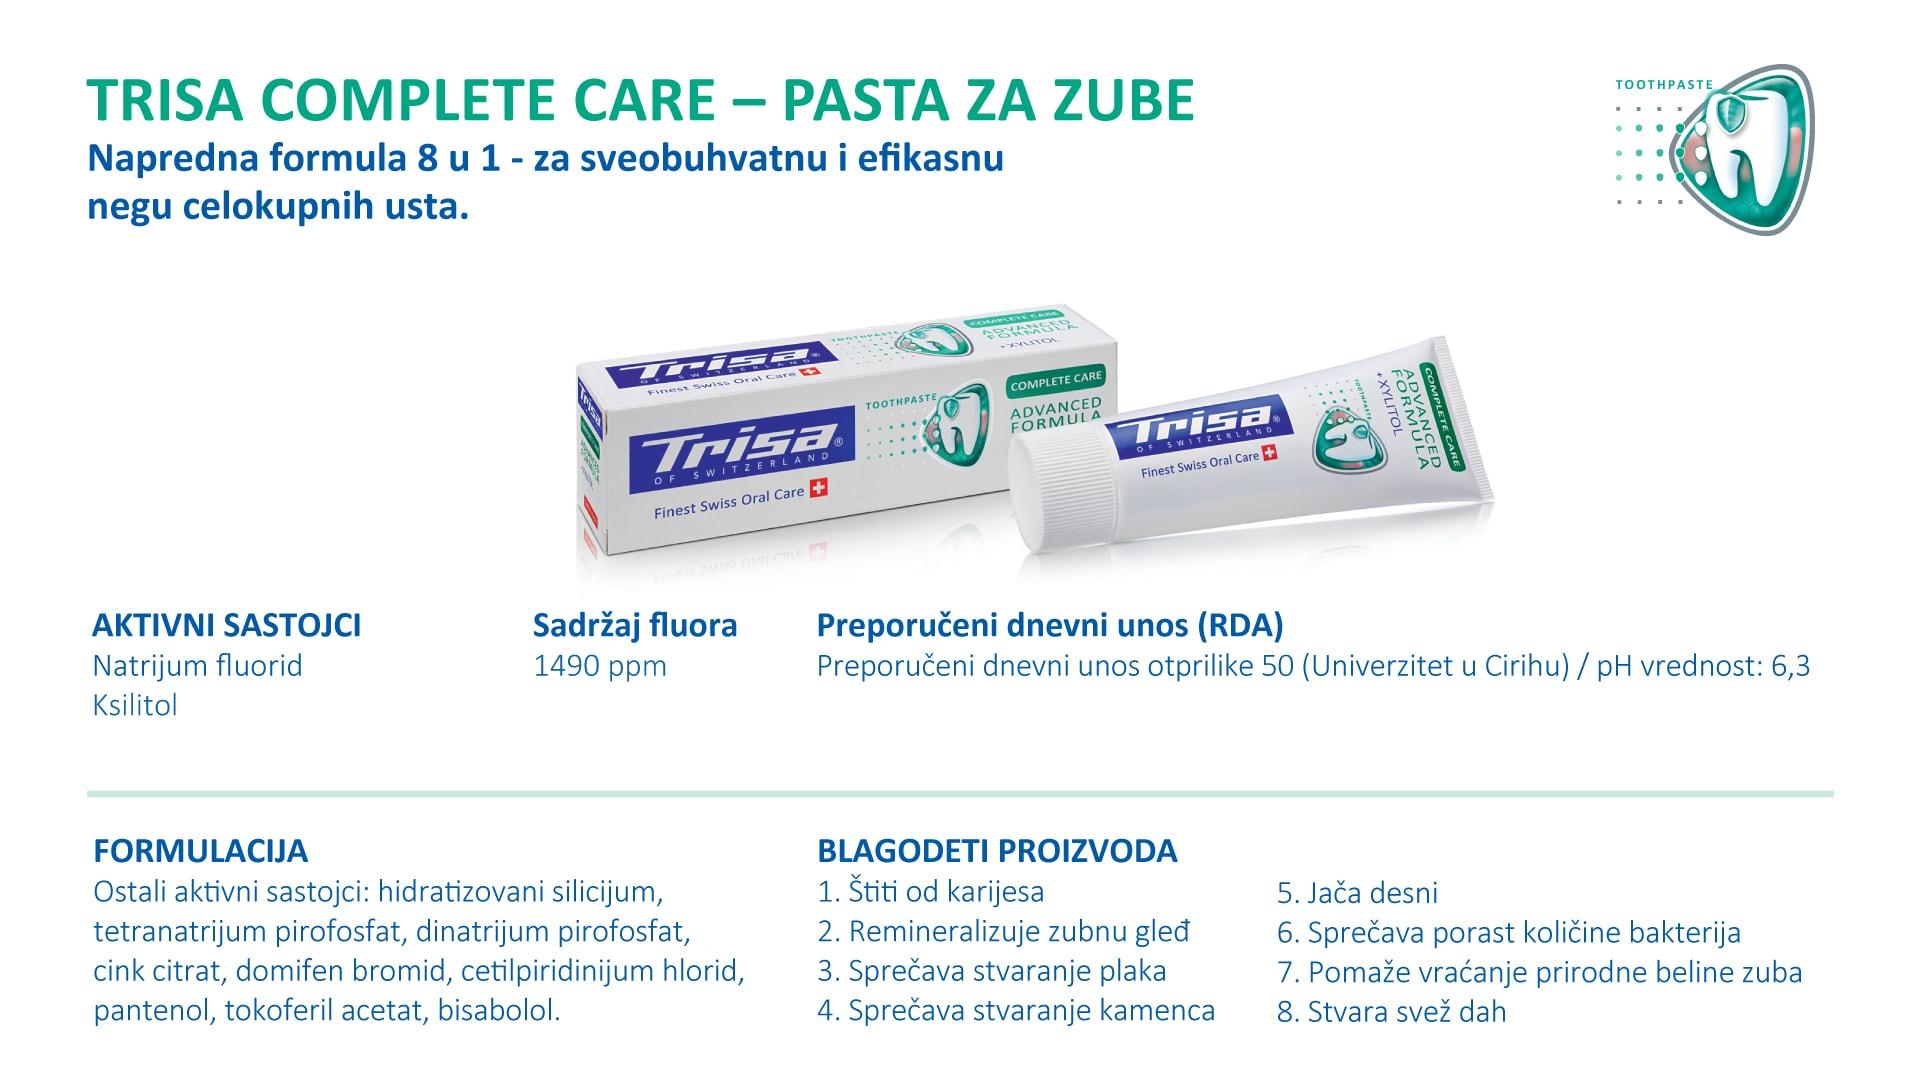 Pasta za zube TRISA Complete Care Toothpaste Banner1